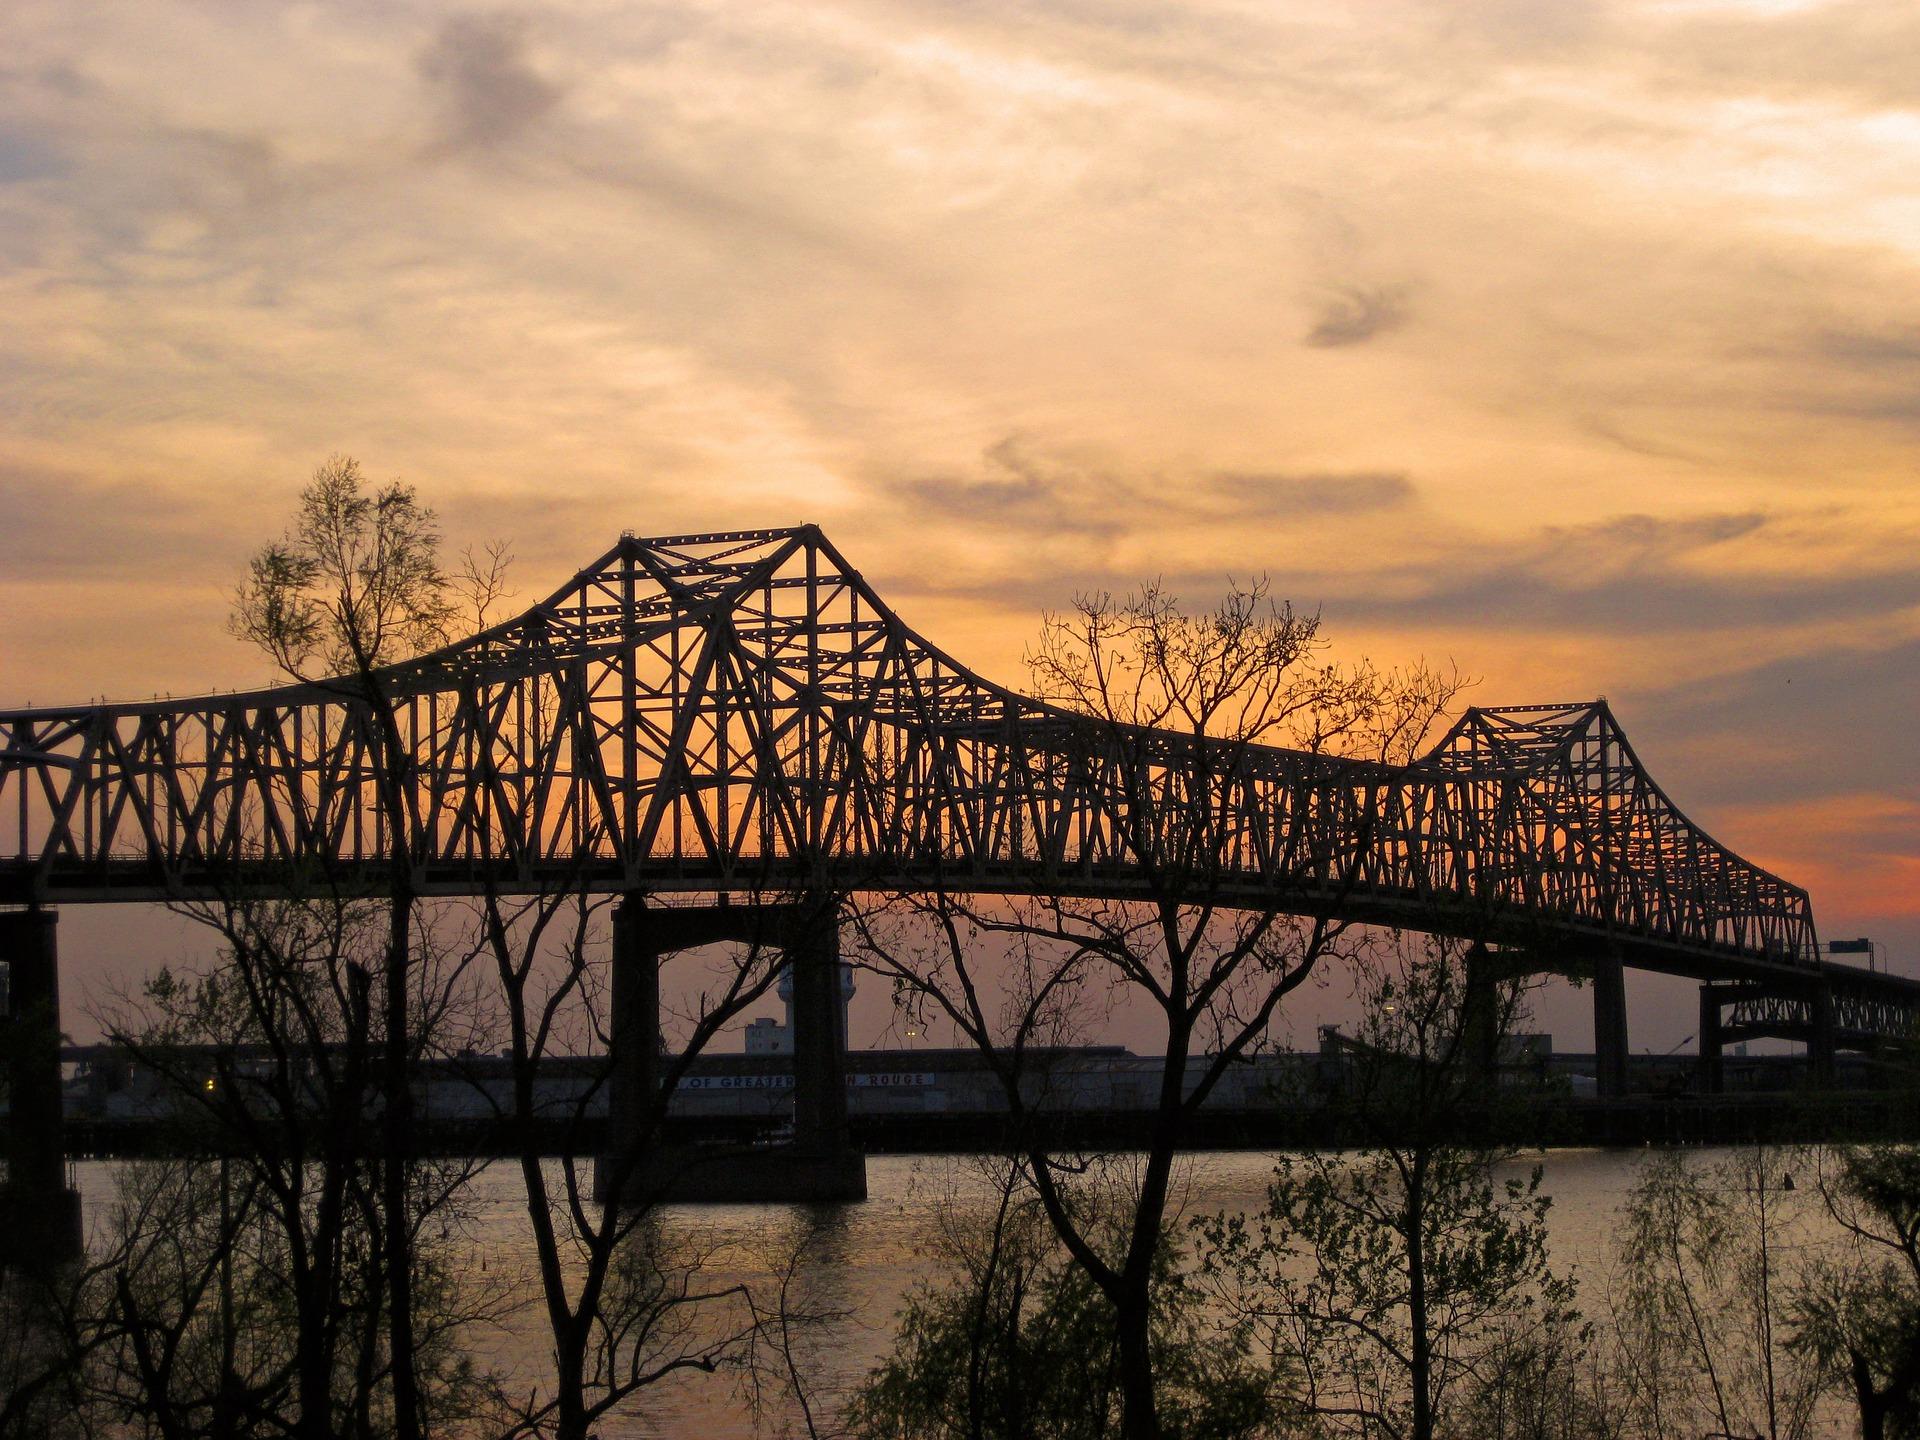 bridge-170323_1920.jpg